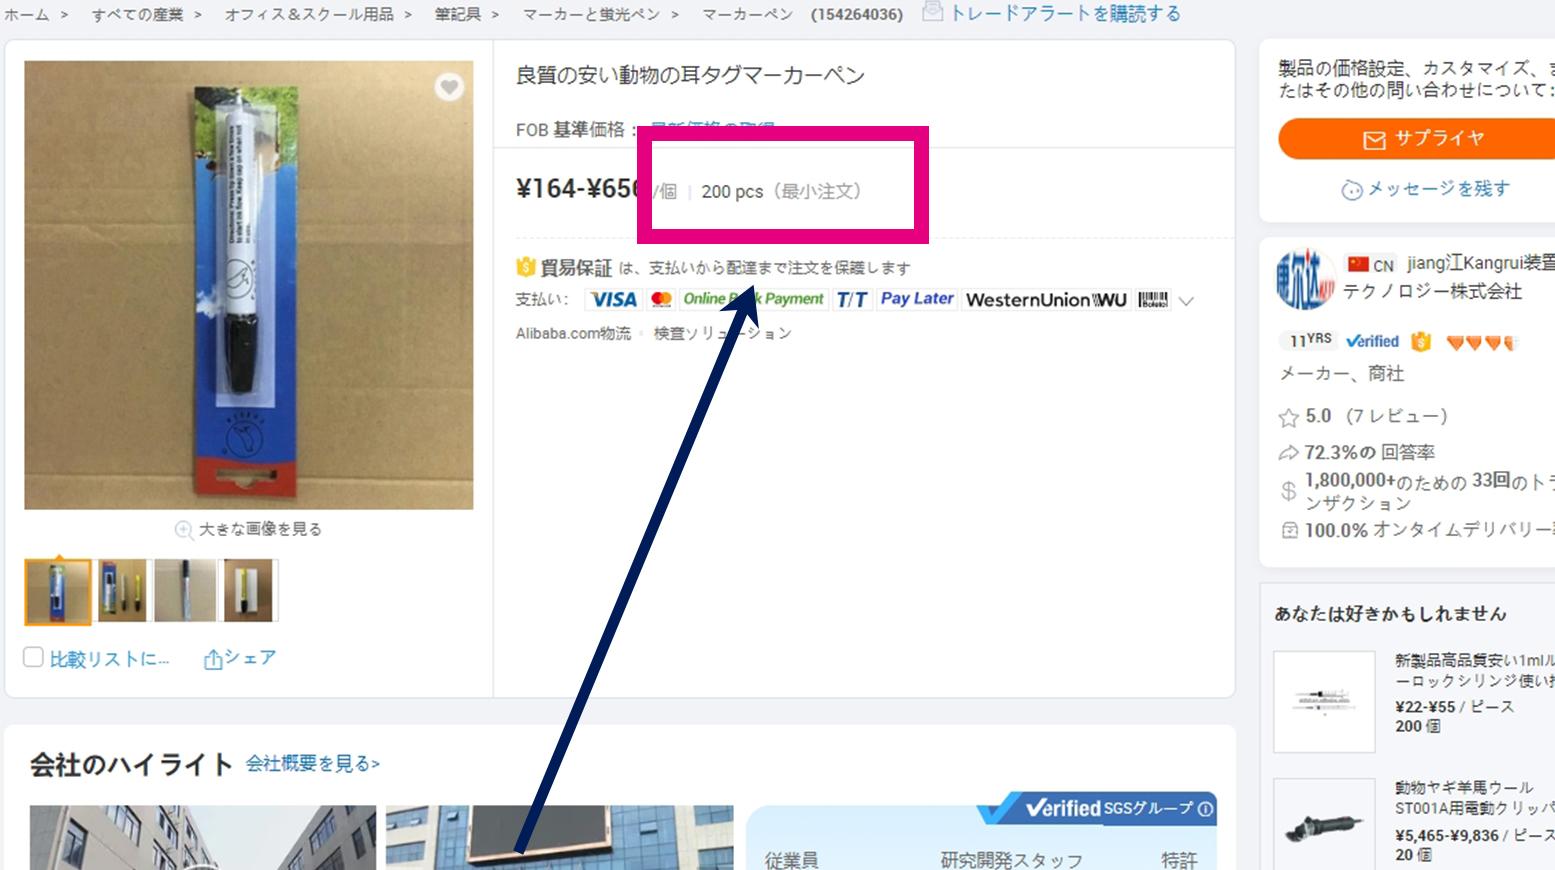 アリババドットコム(alibaba.com)ロット